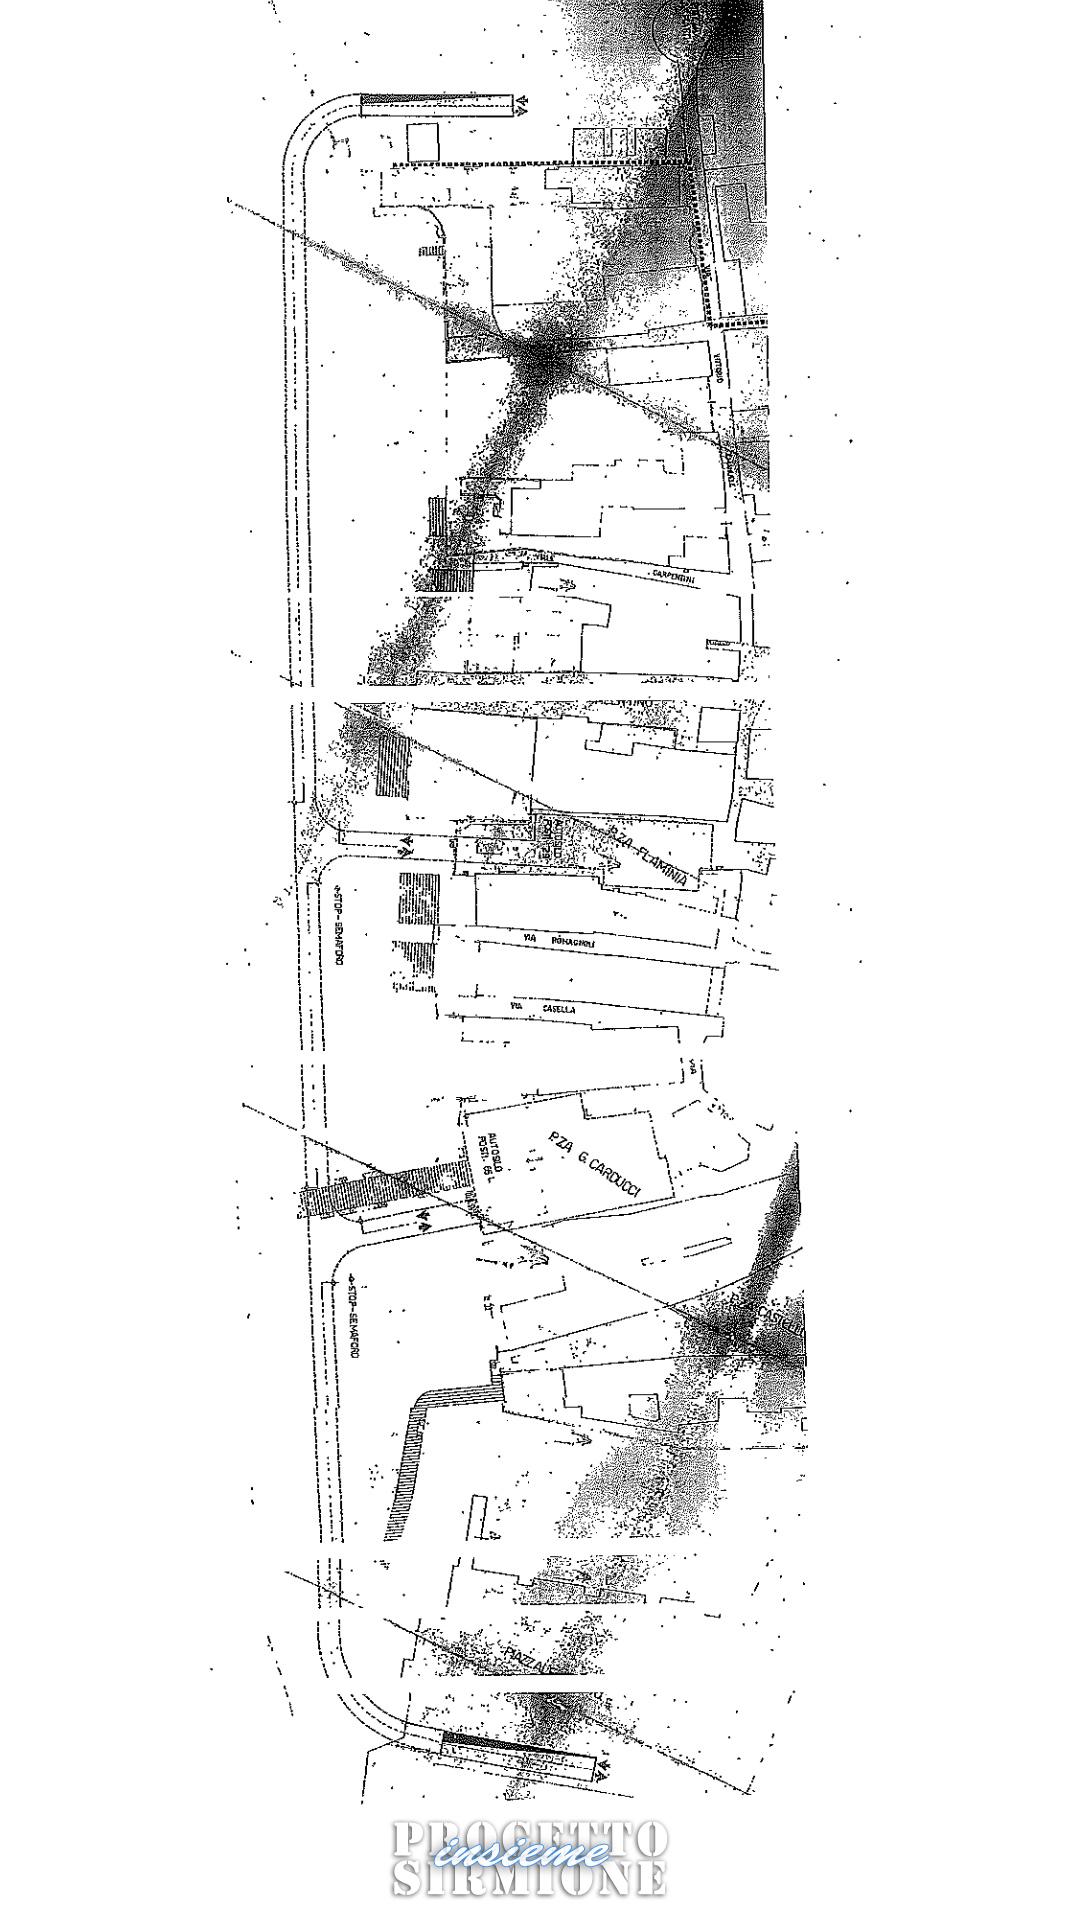 Progetto Sirmione Insieme_Tunnel Sirmione progetto_allegato3